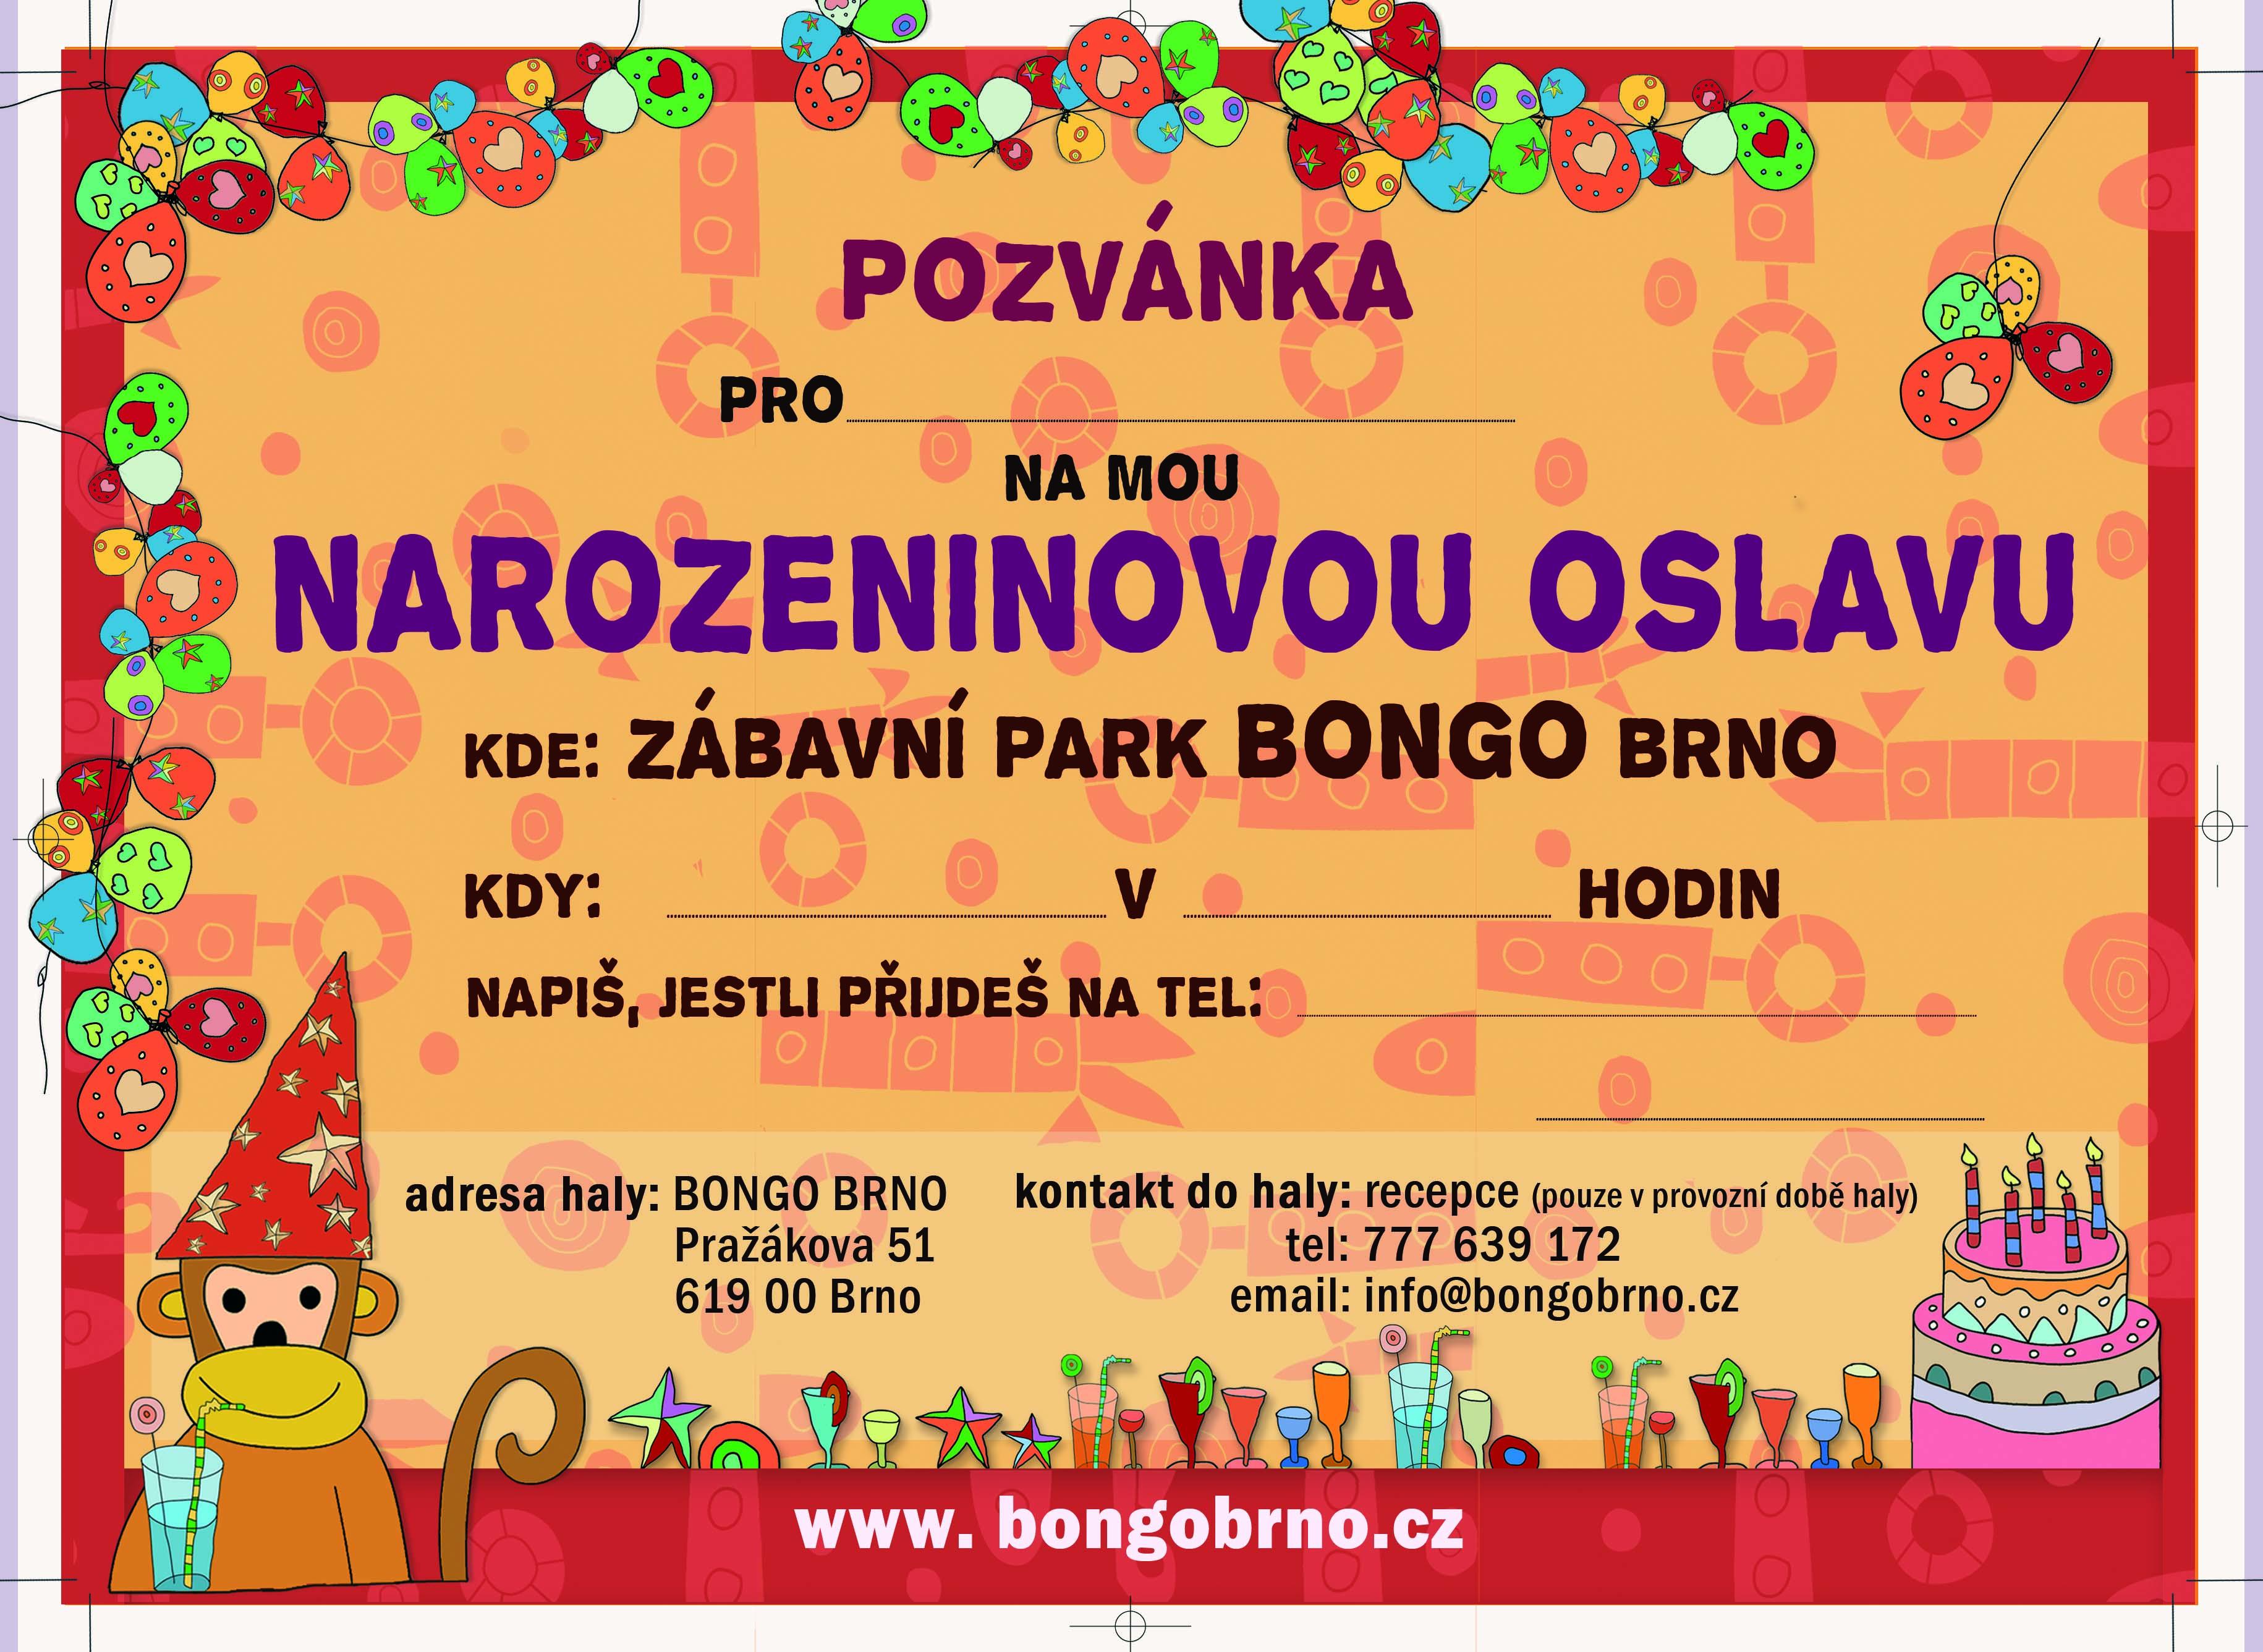 pozvánka na dětské narozeniny Oslavy narozenin   TOBOGA Bongo Brno pozvánka na dětské narozeniny